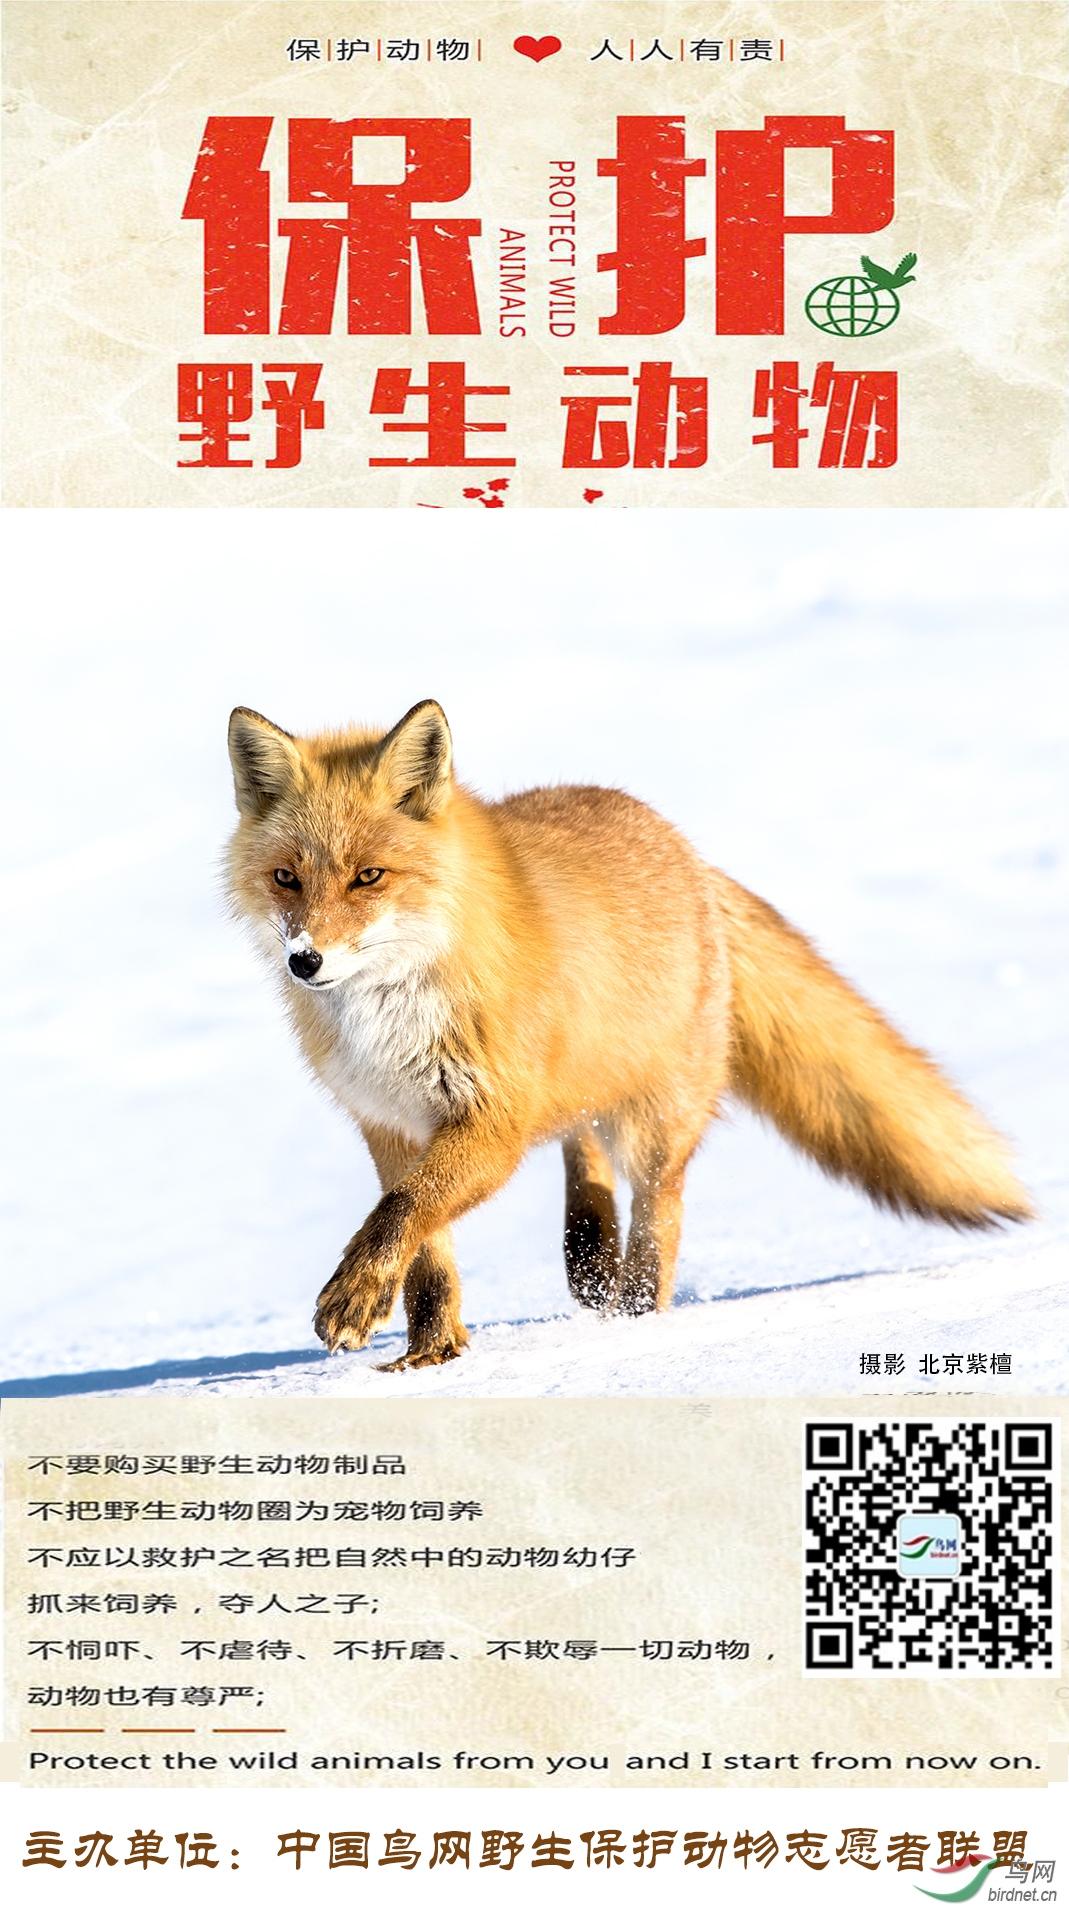 野生动物保护海报-北京紫檀.jpg